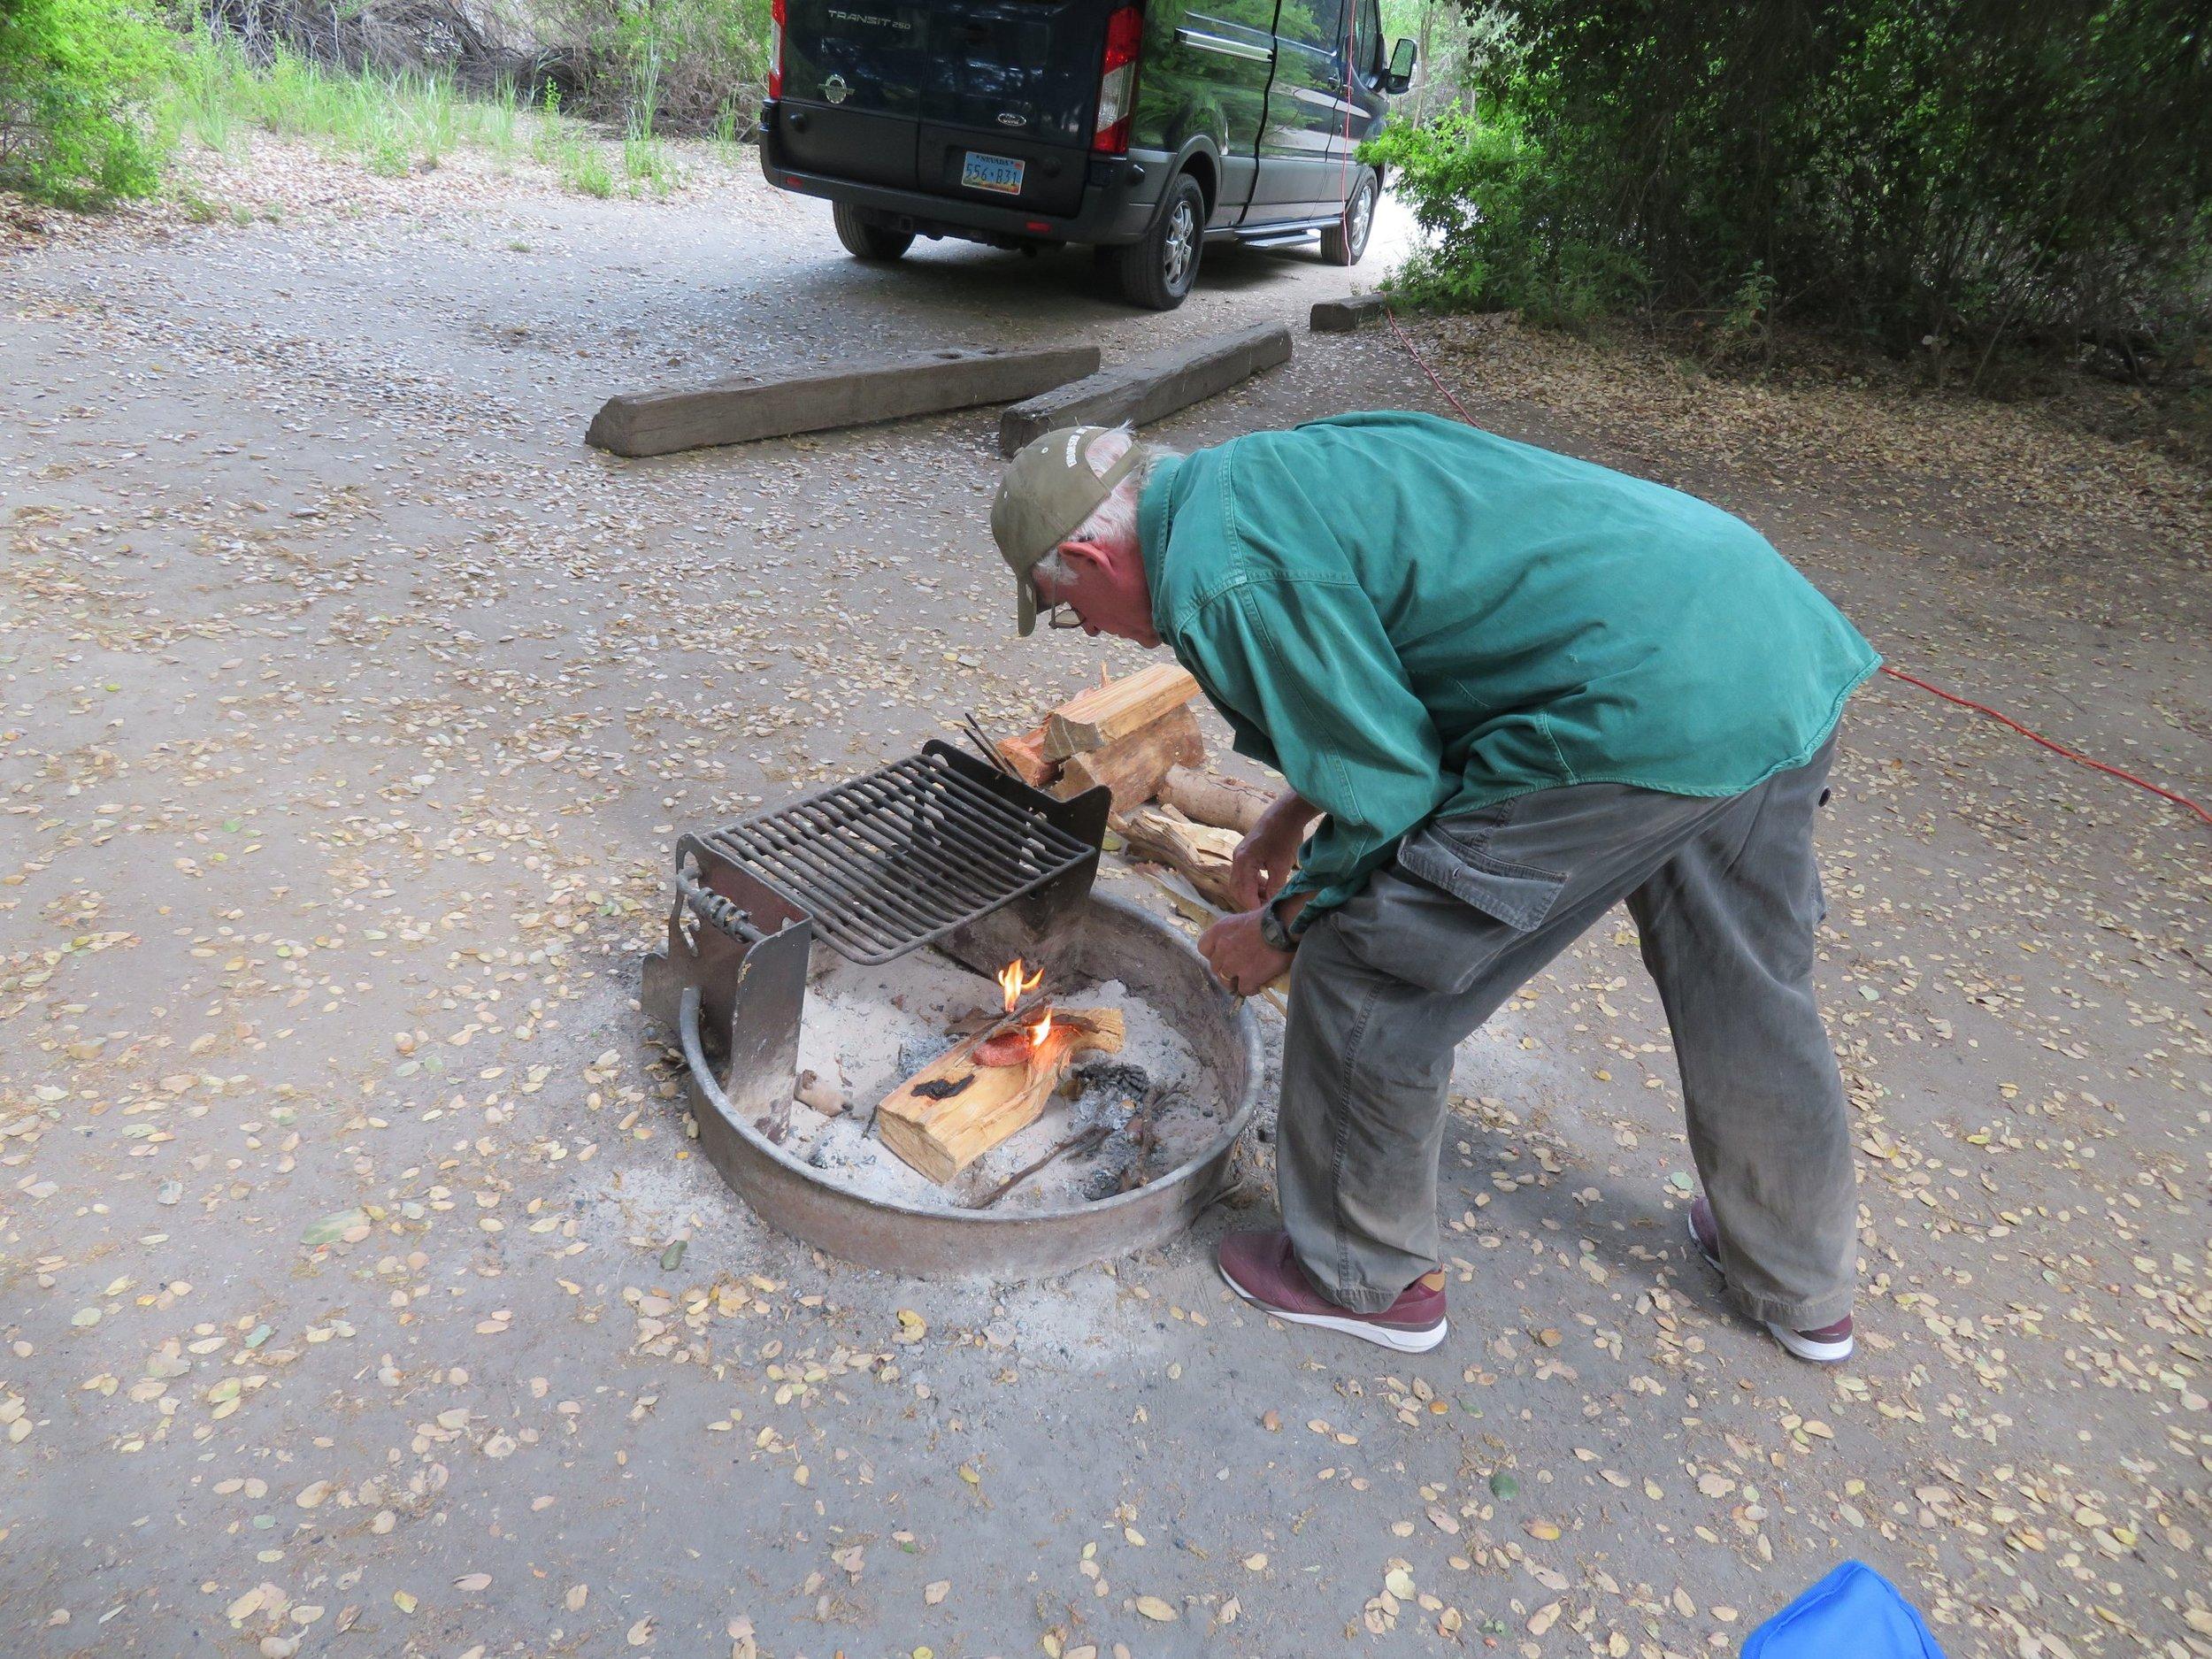 An evening campfire ...